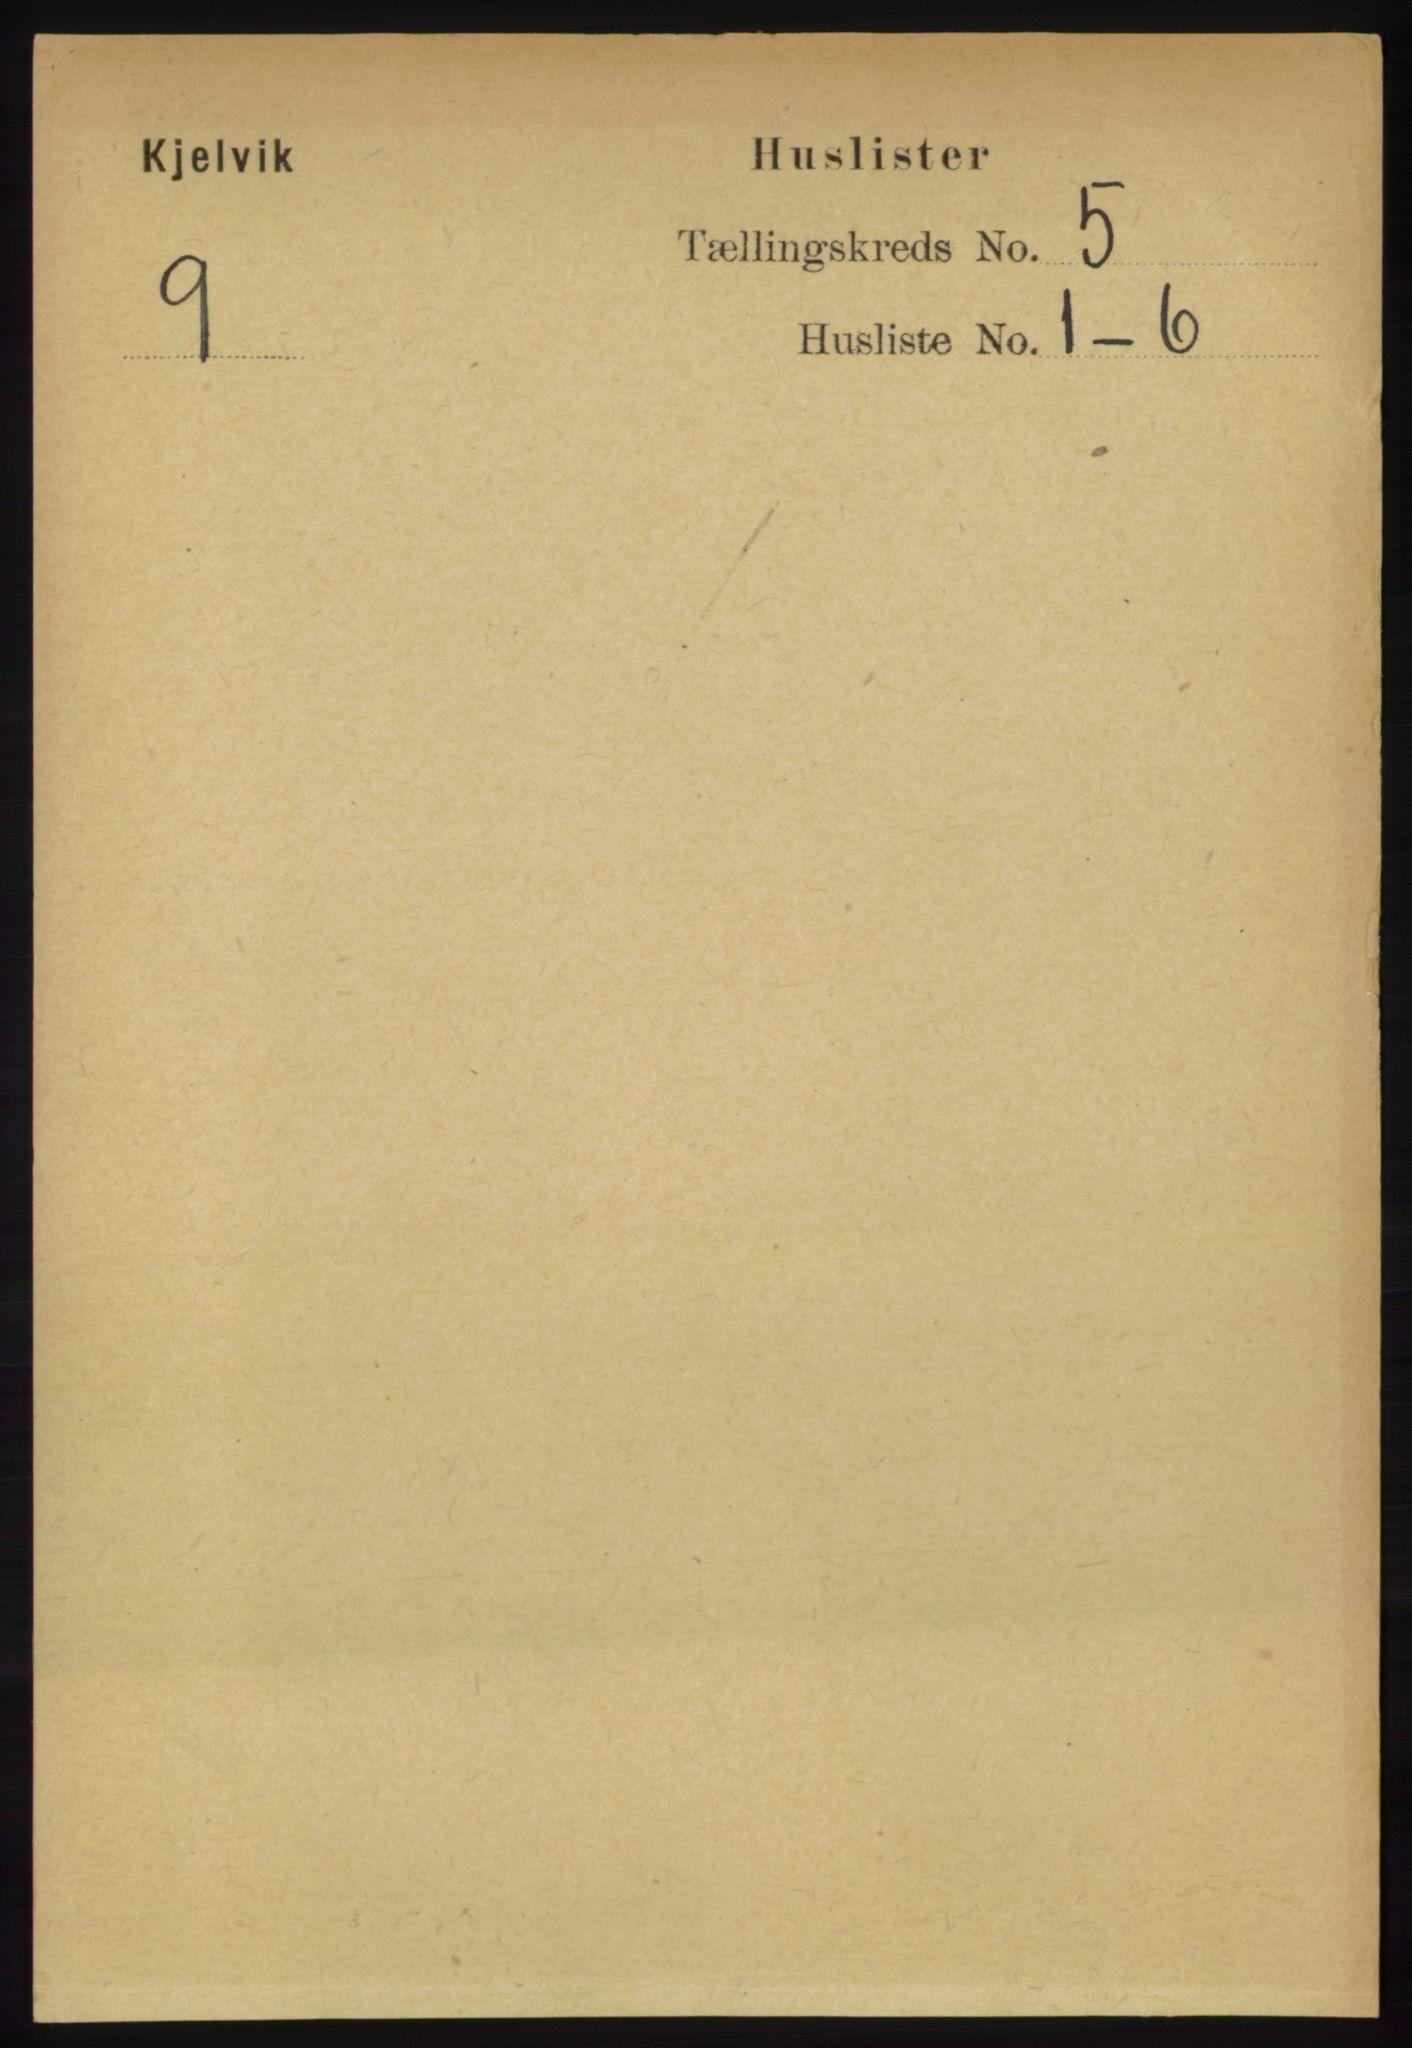 RA, Folketelling 1891 for 2019 Kjelvik herred, 1891, s. 538